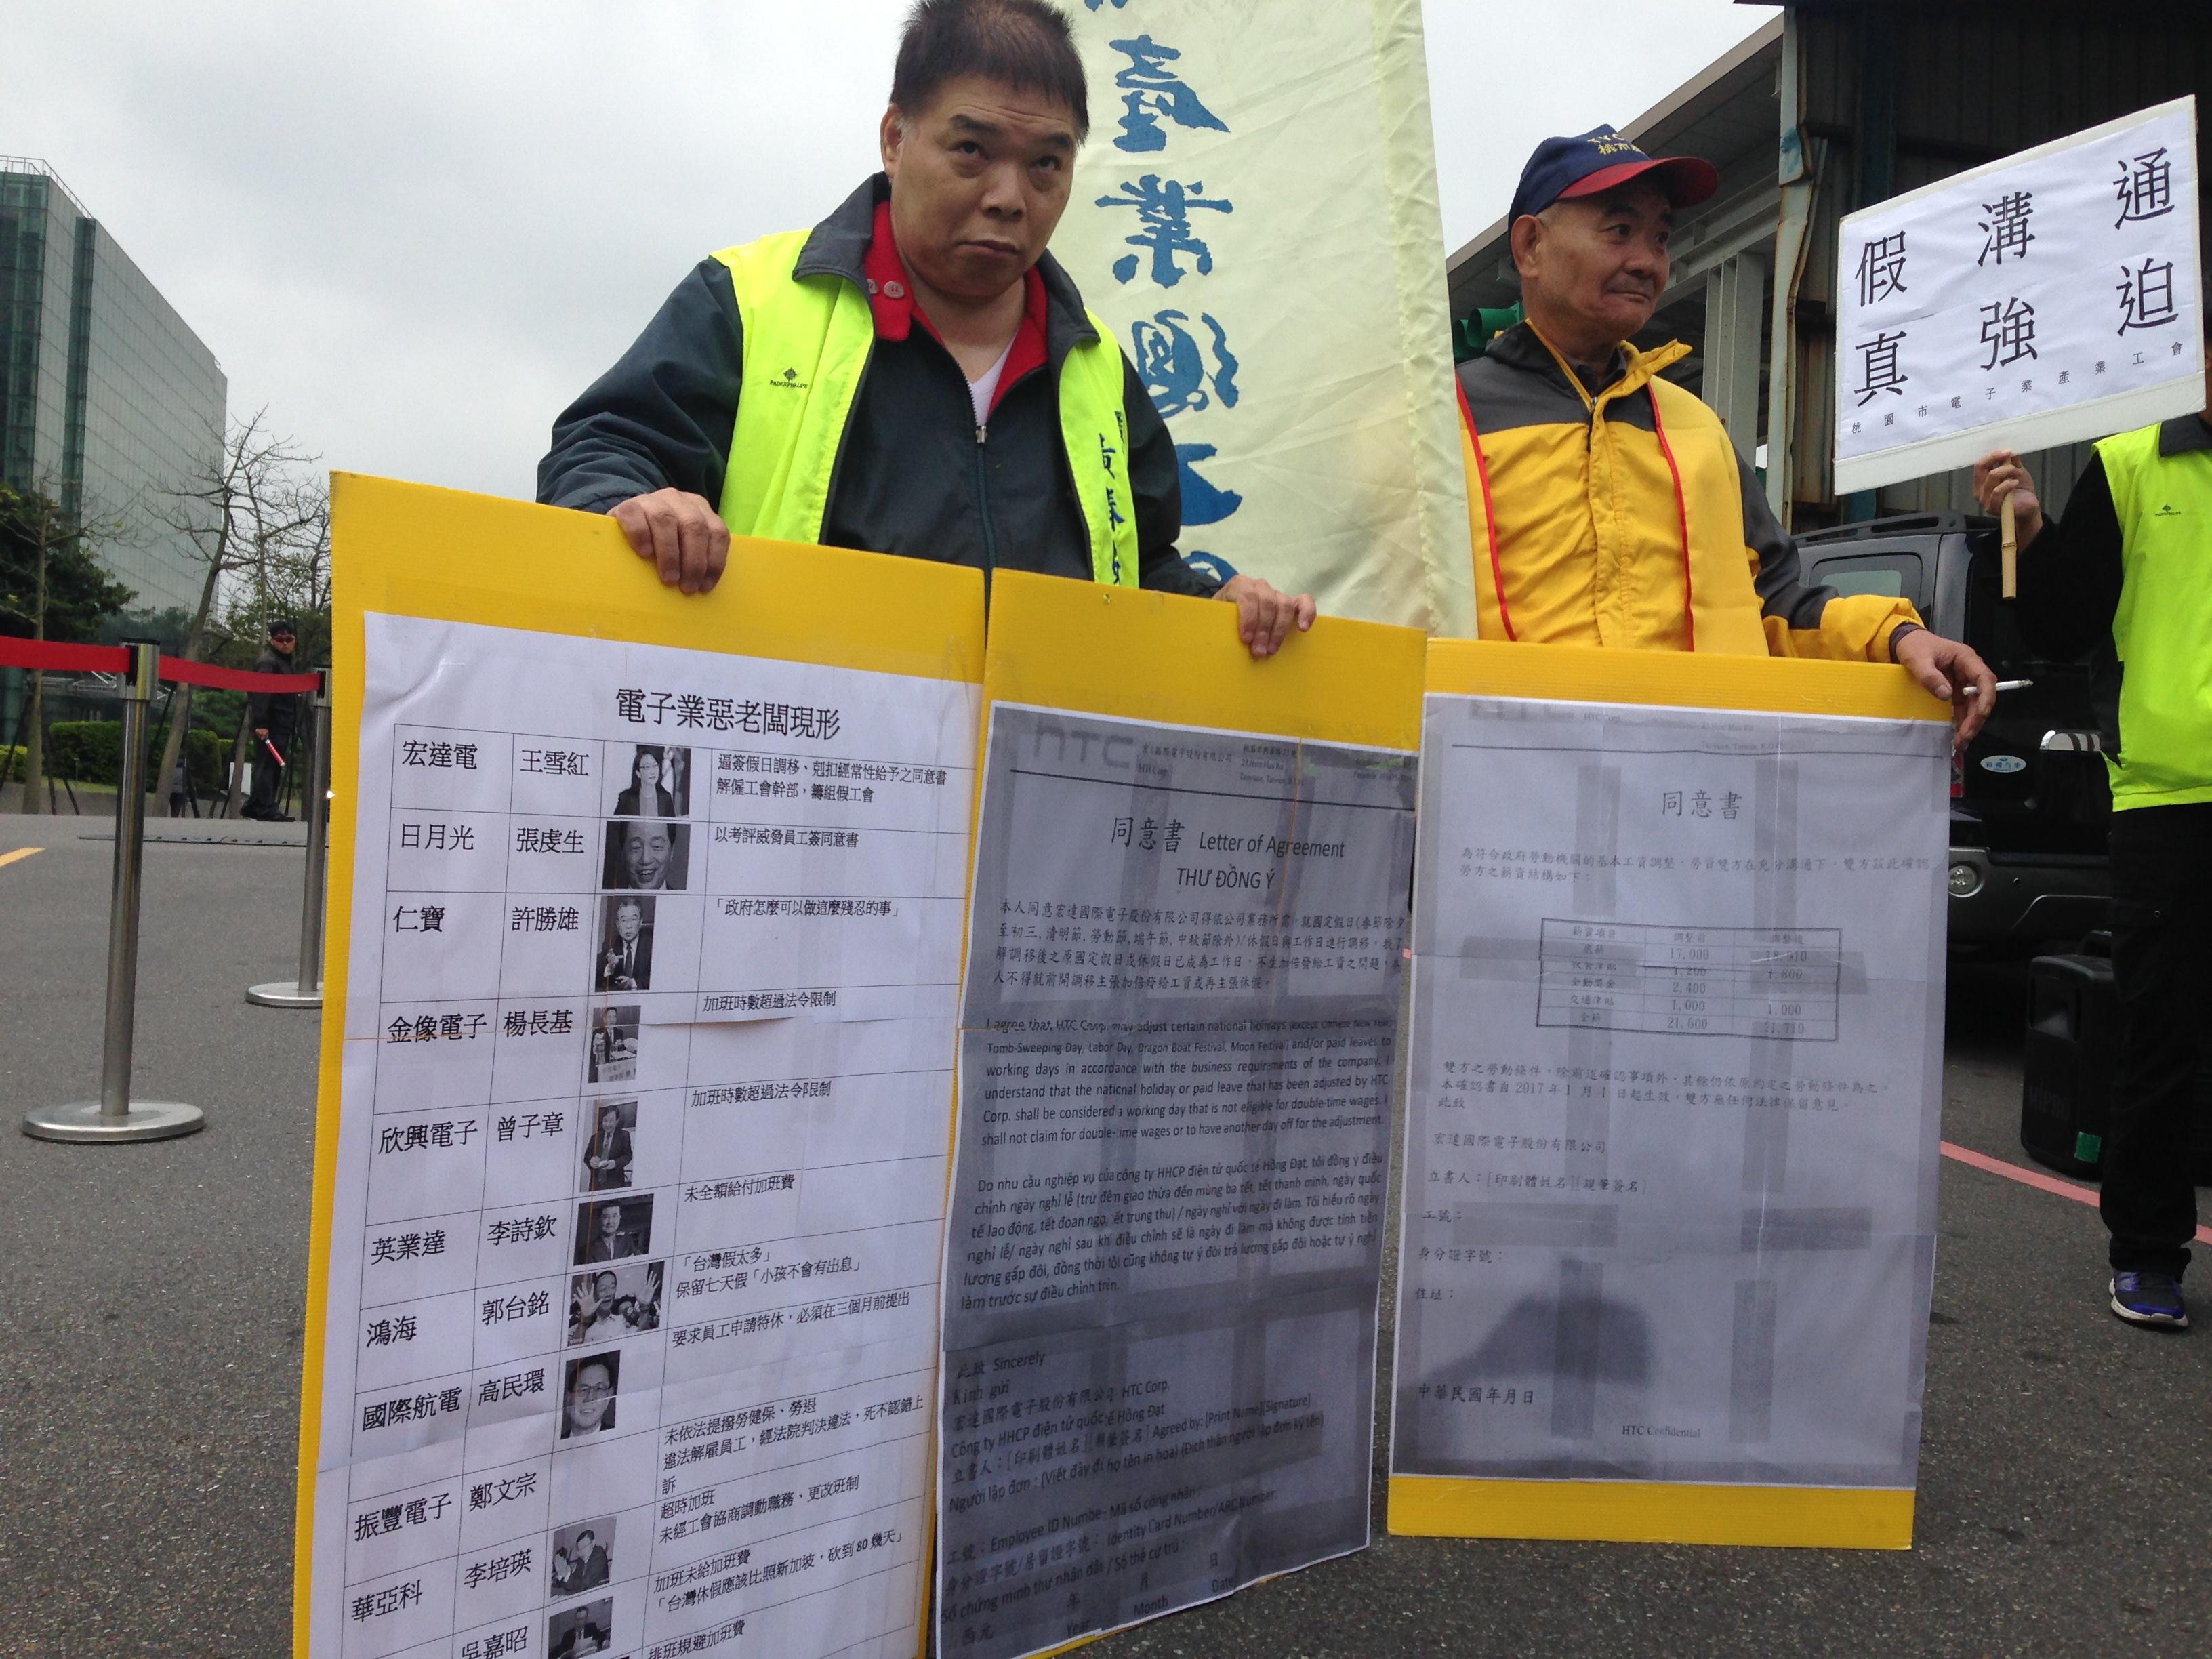 勞團發起「一天一勞檢」行動,要勞政機關逐間檢查違法廠商。(攝影:張宗坤)